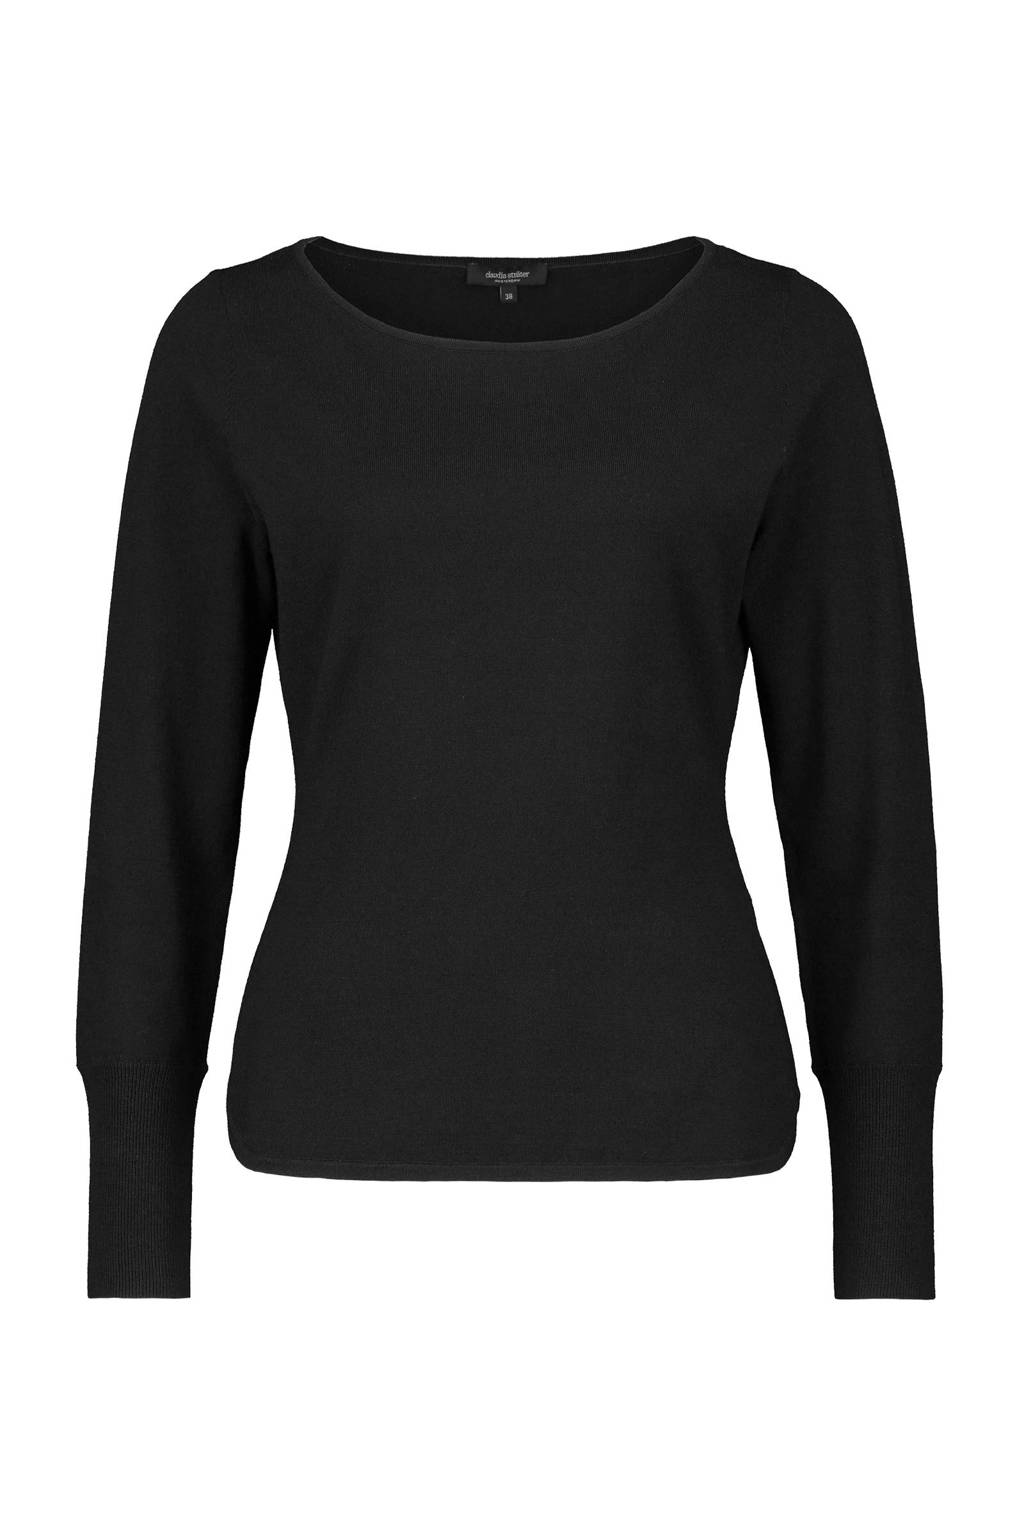 Claudia Sträter trui zwart, Zwart